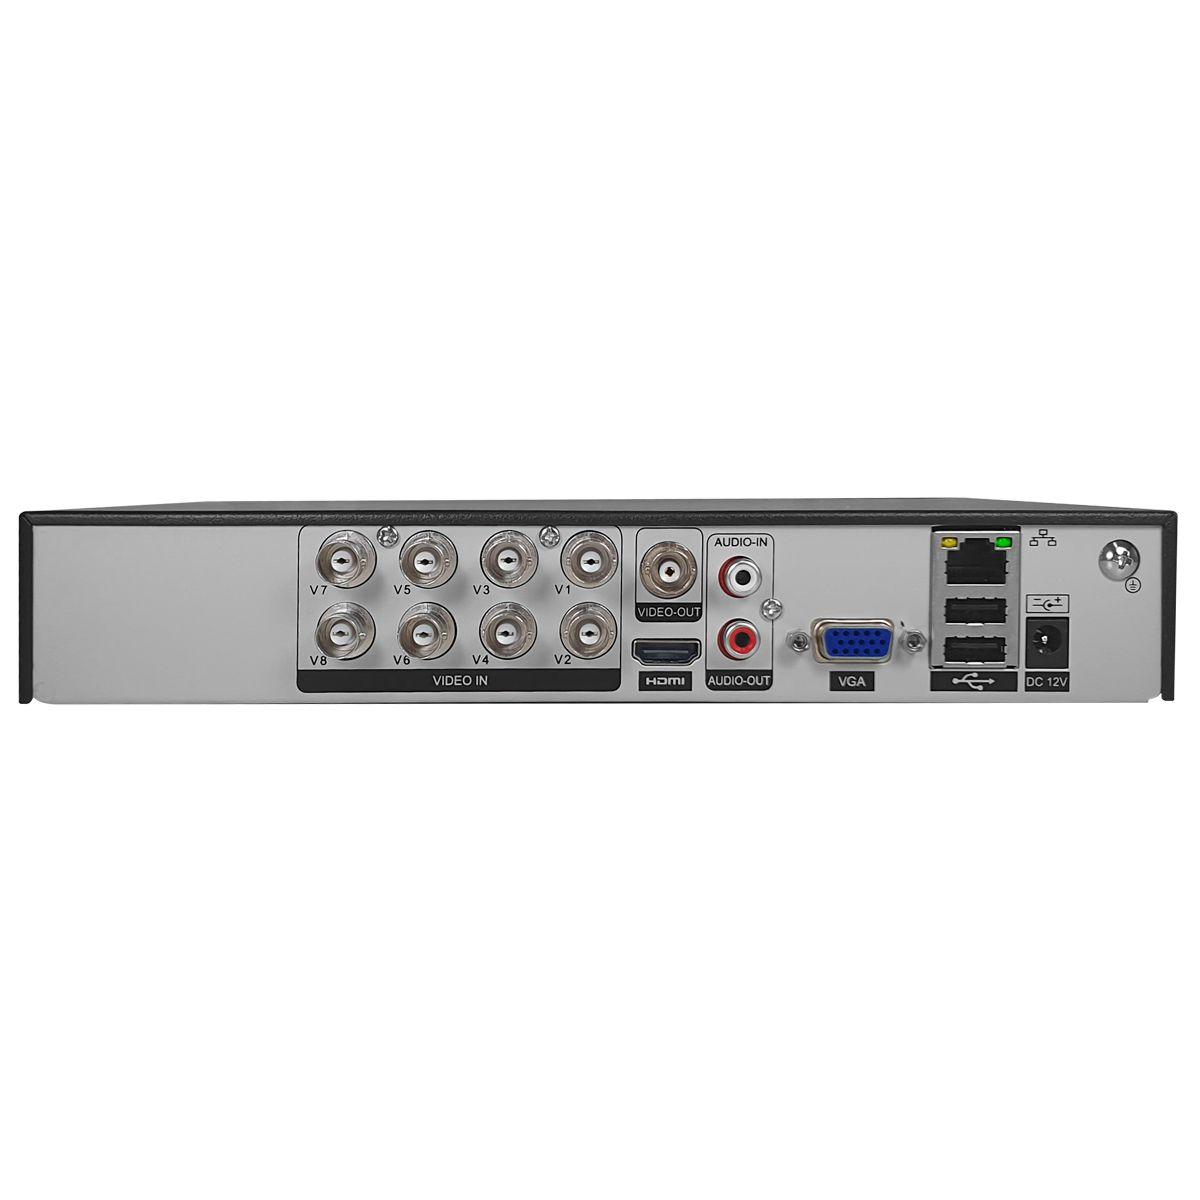 DVR 8 Canais 5MP GS0191 Giga Security Orion, com mais 8 Canais IP, App celular, detecção de pessoas  - Tudo Forte